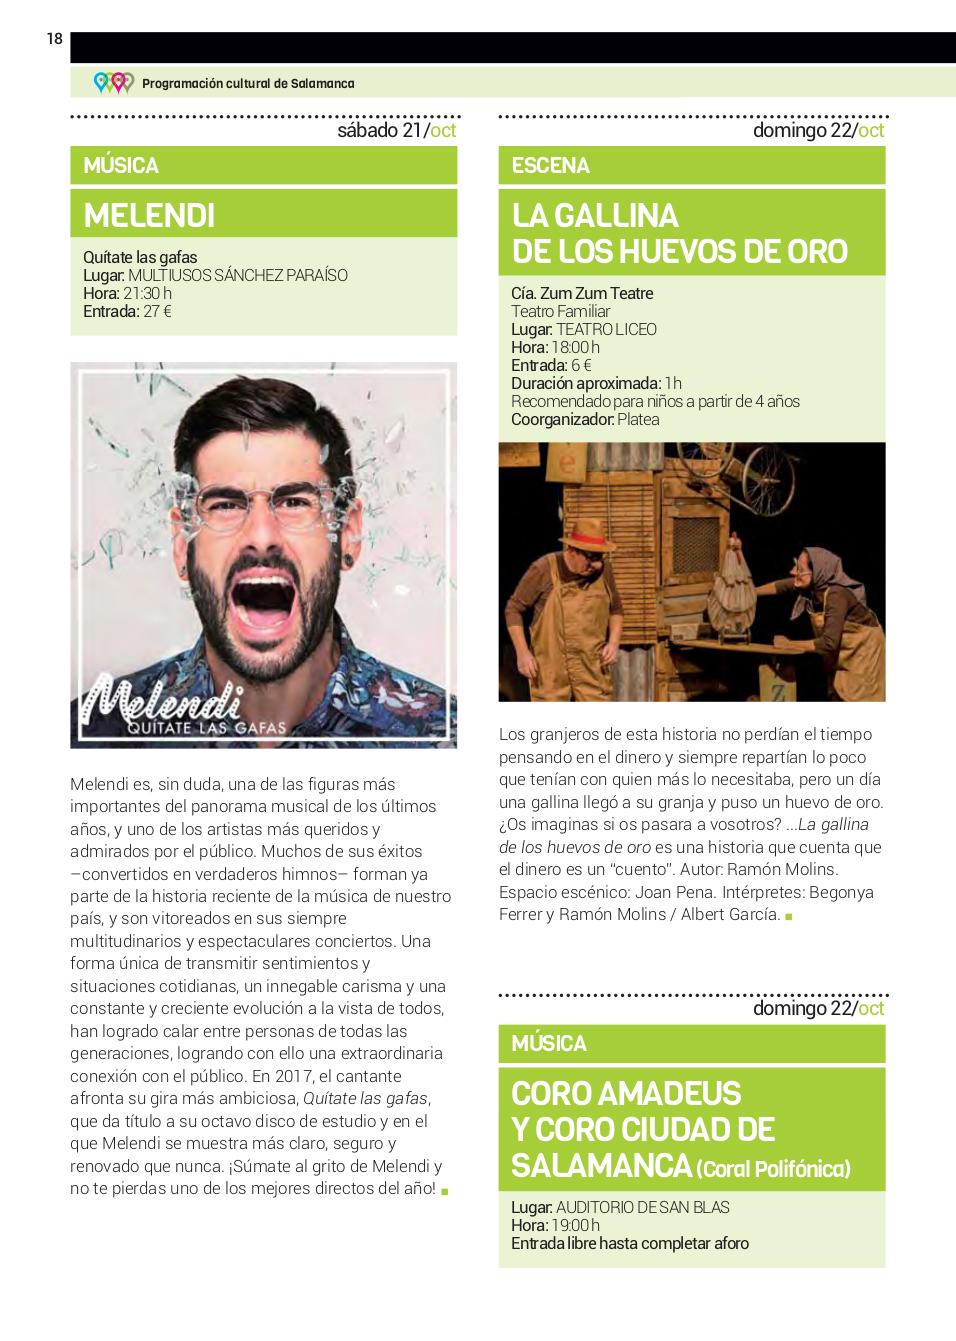 Compañía Zum Zum Teatre La gallina de los huevos de oro Teatro Liceo Salamanca Octubre 2017